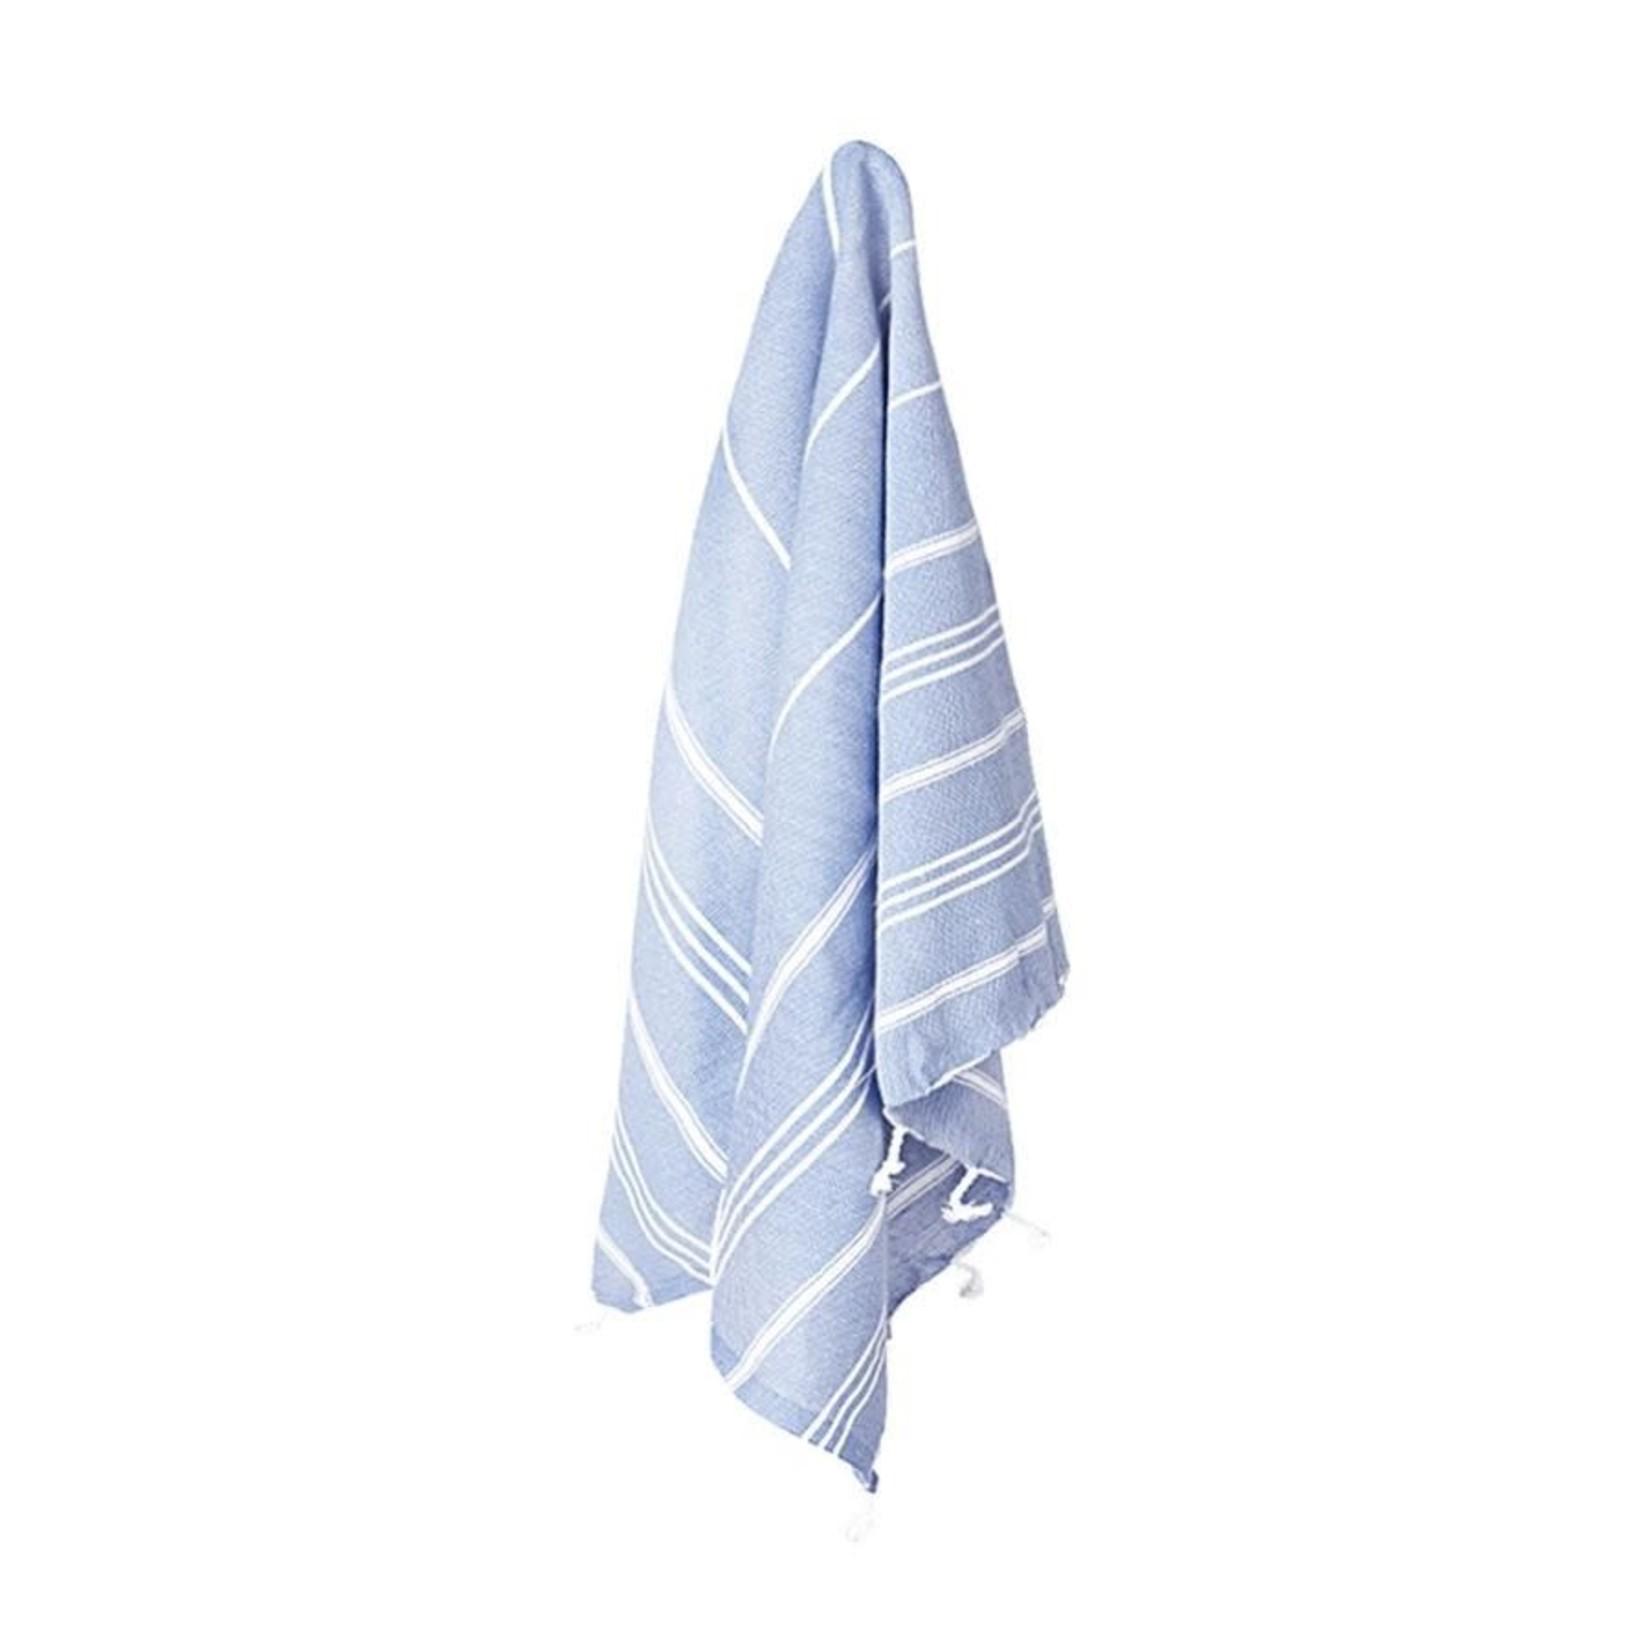 MARIN SMALL TOWEL - TRUE BLUE